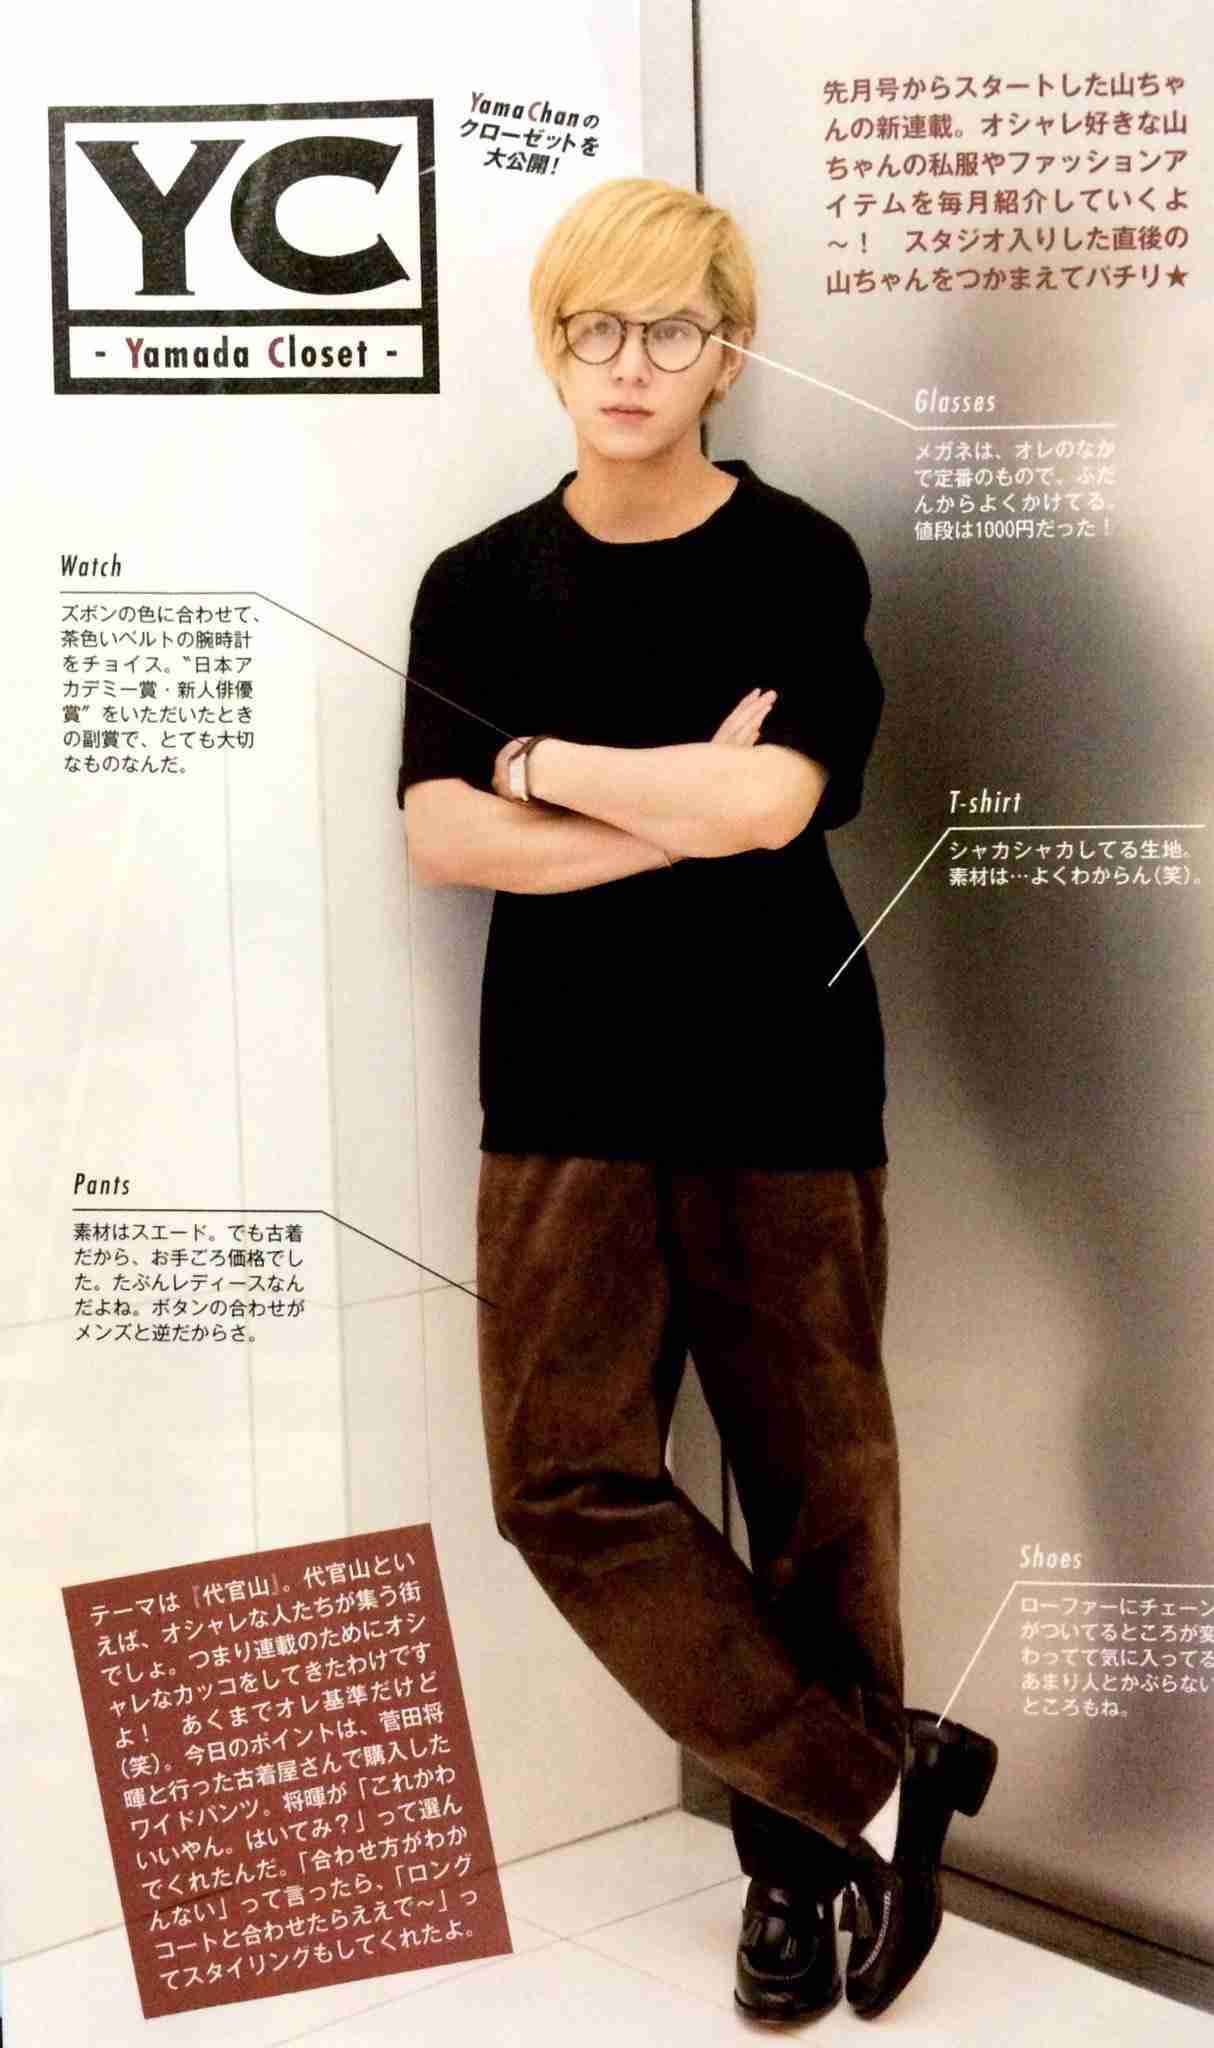 【カインとアベル】山田涼介 禁断の三角関係!「初めて尽くし」月9初主演